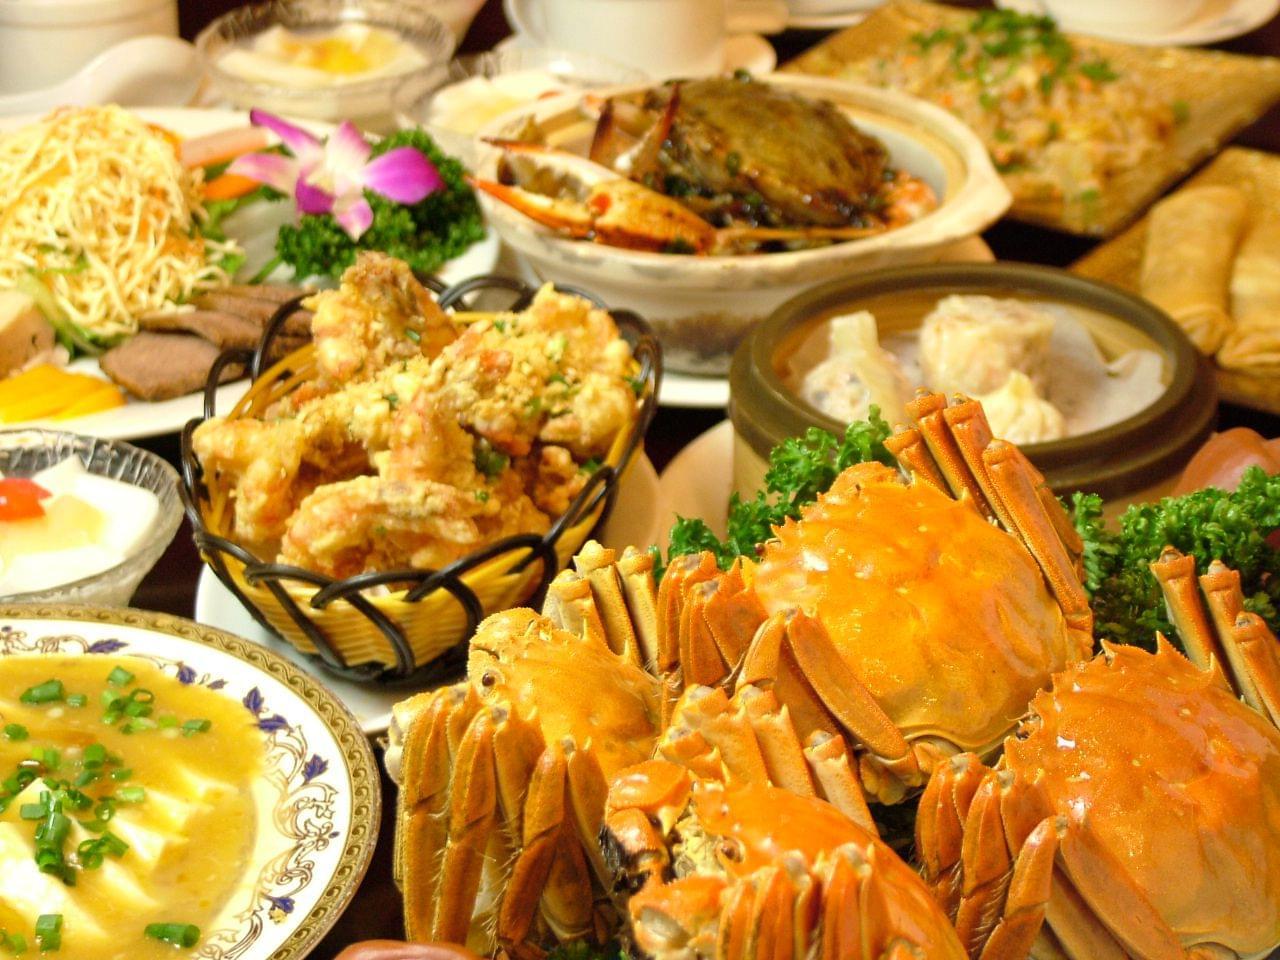 絶品グルメ!台湾・台北で味わえる様々な中華料理9選!